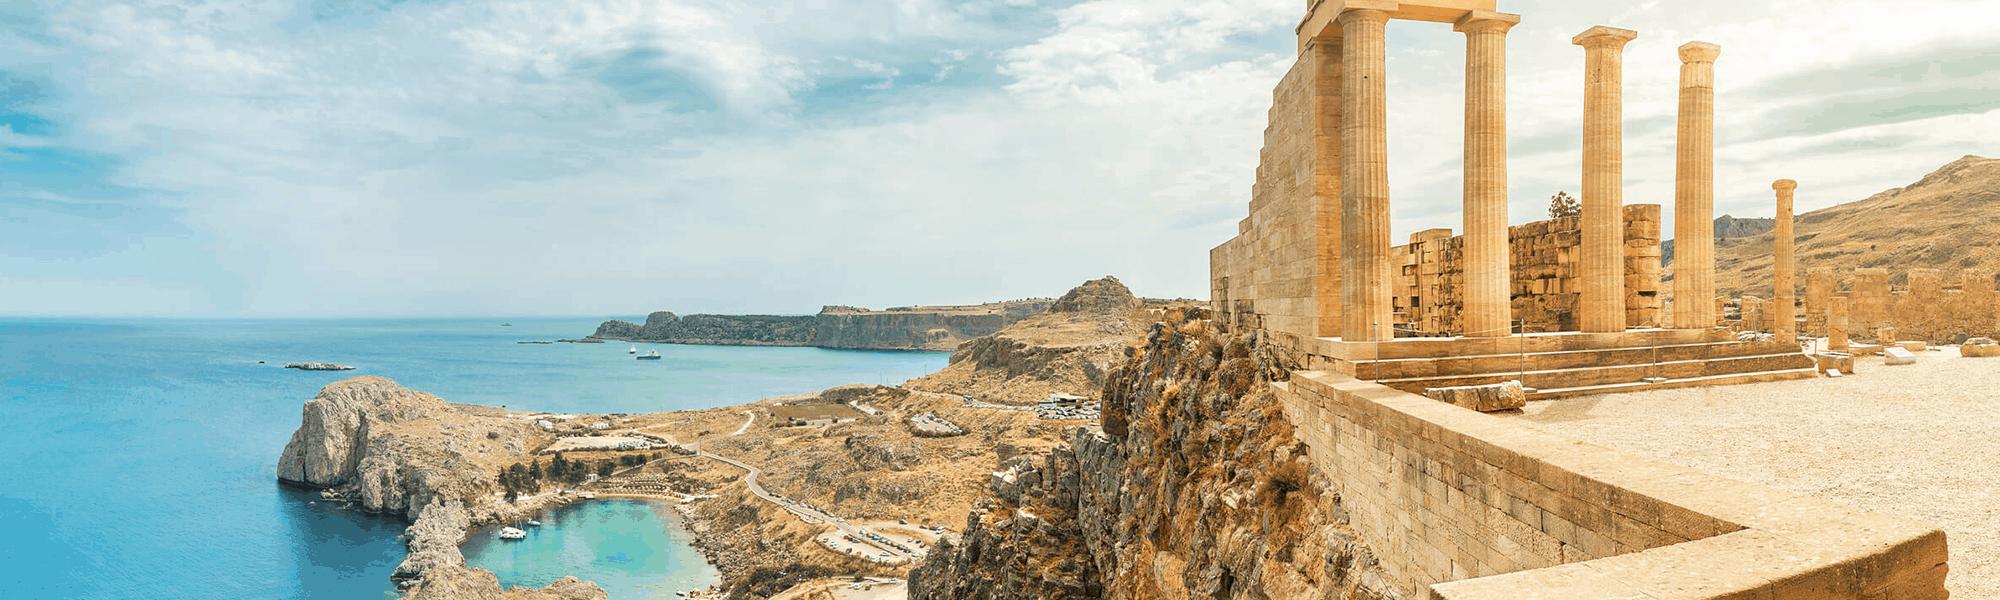 Rhodos: Erlebte Mythologie und Geschichte